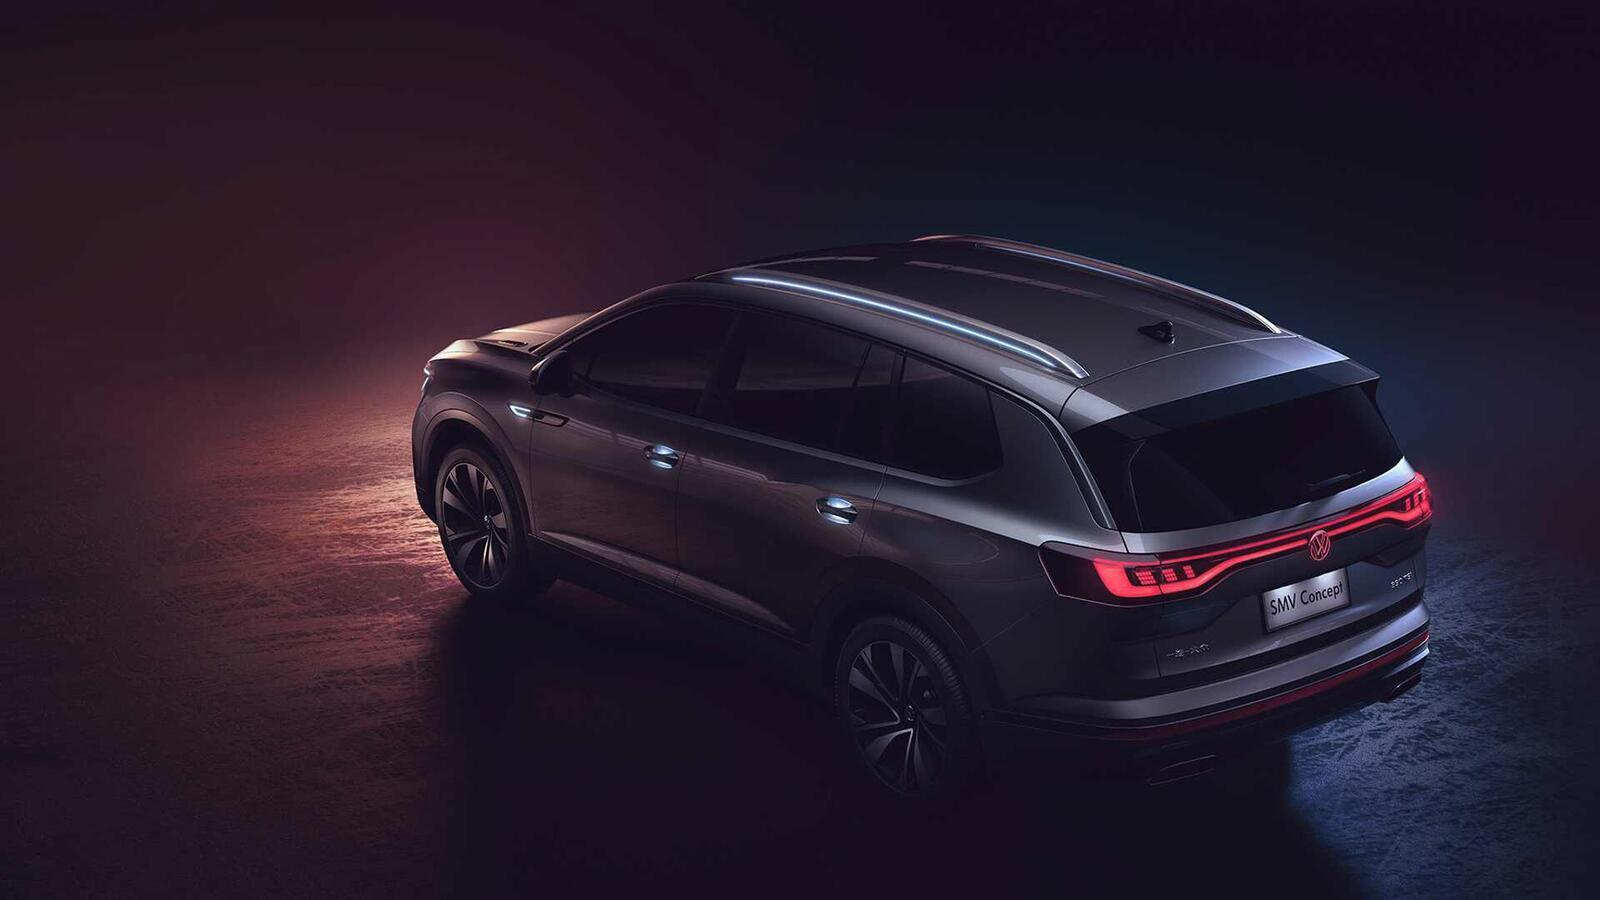 Volkswagen giới thiệu SUV SMV Concept hoàn toàn mới: Dài hơn 5m và lớn hơn cả Touareg - Hình 5